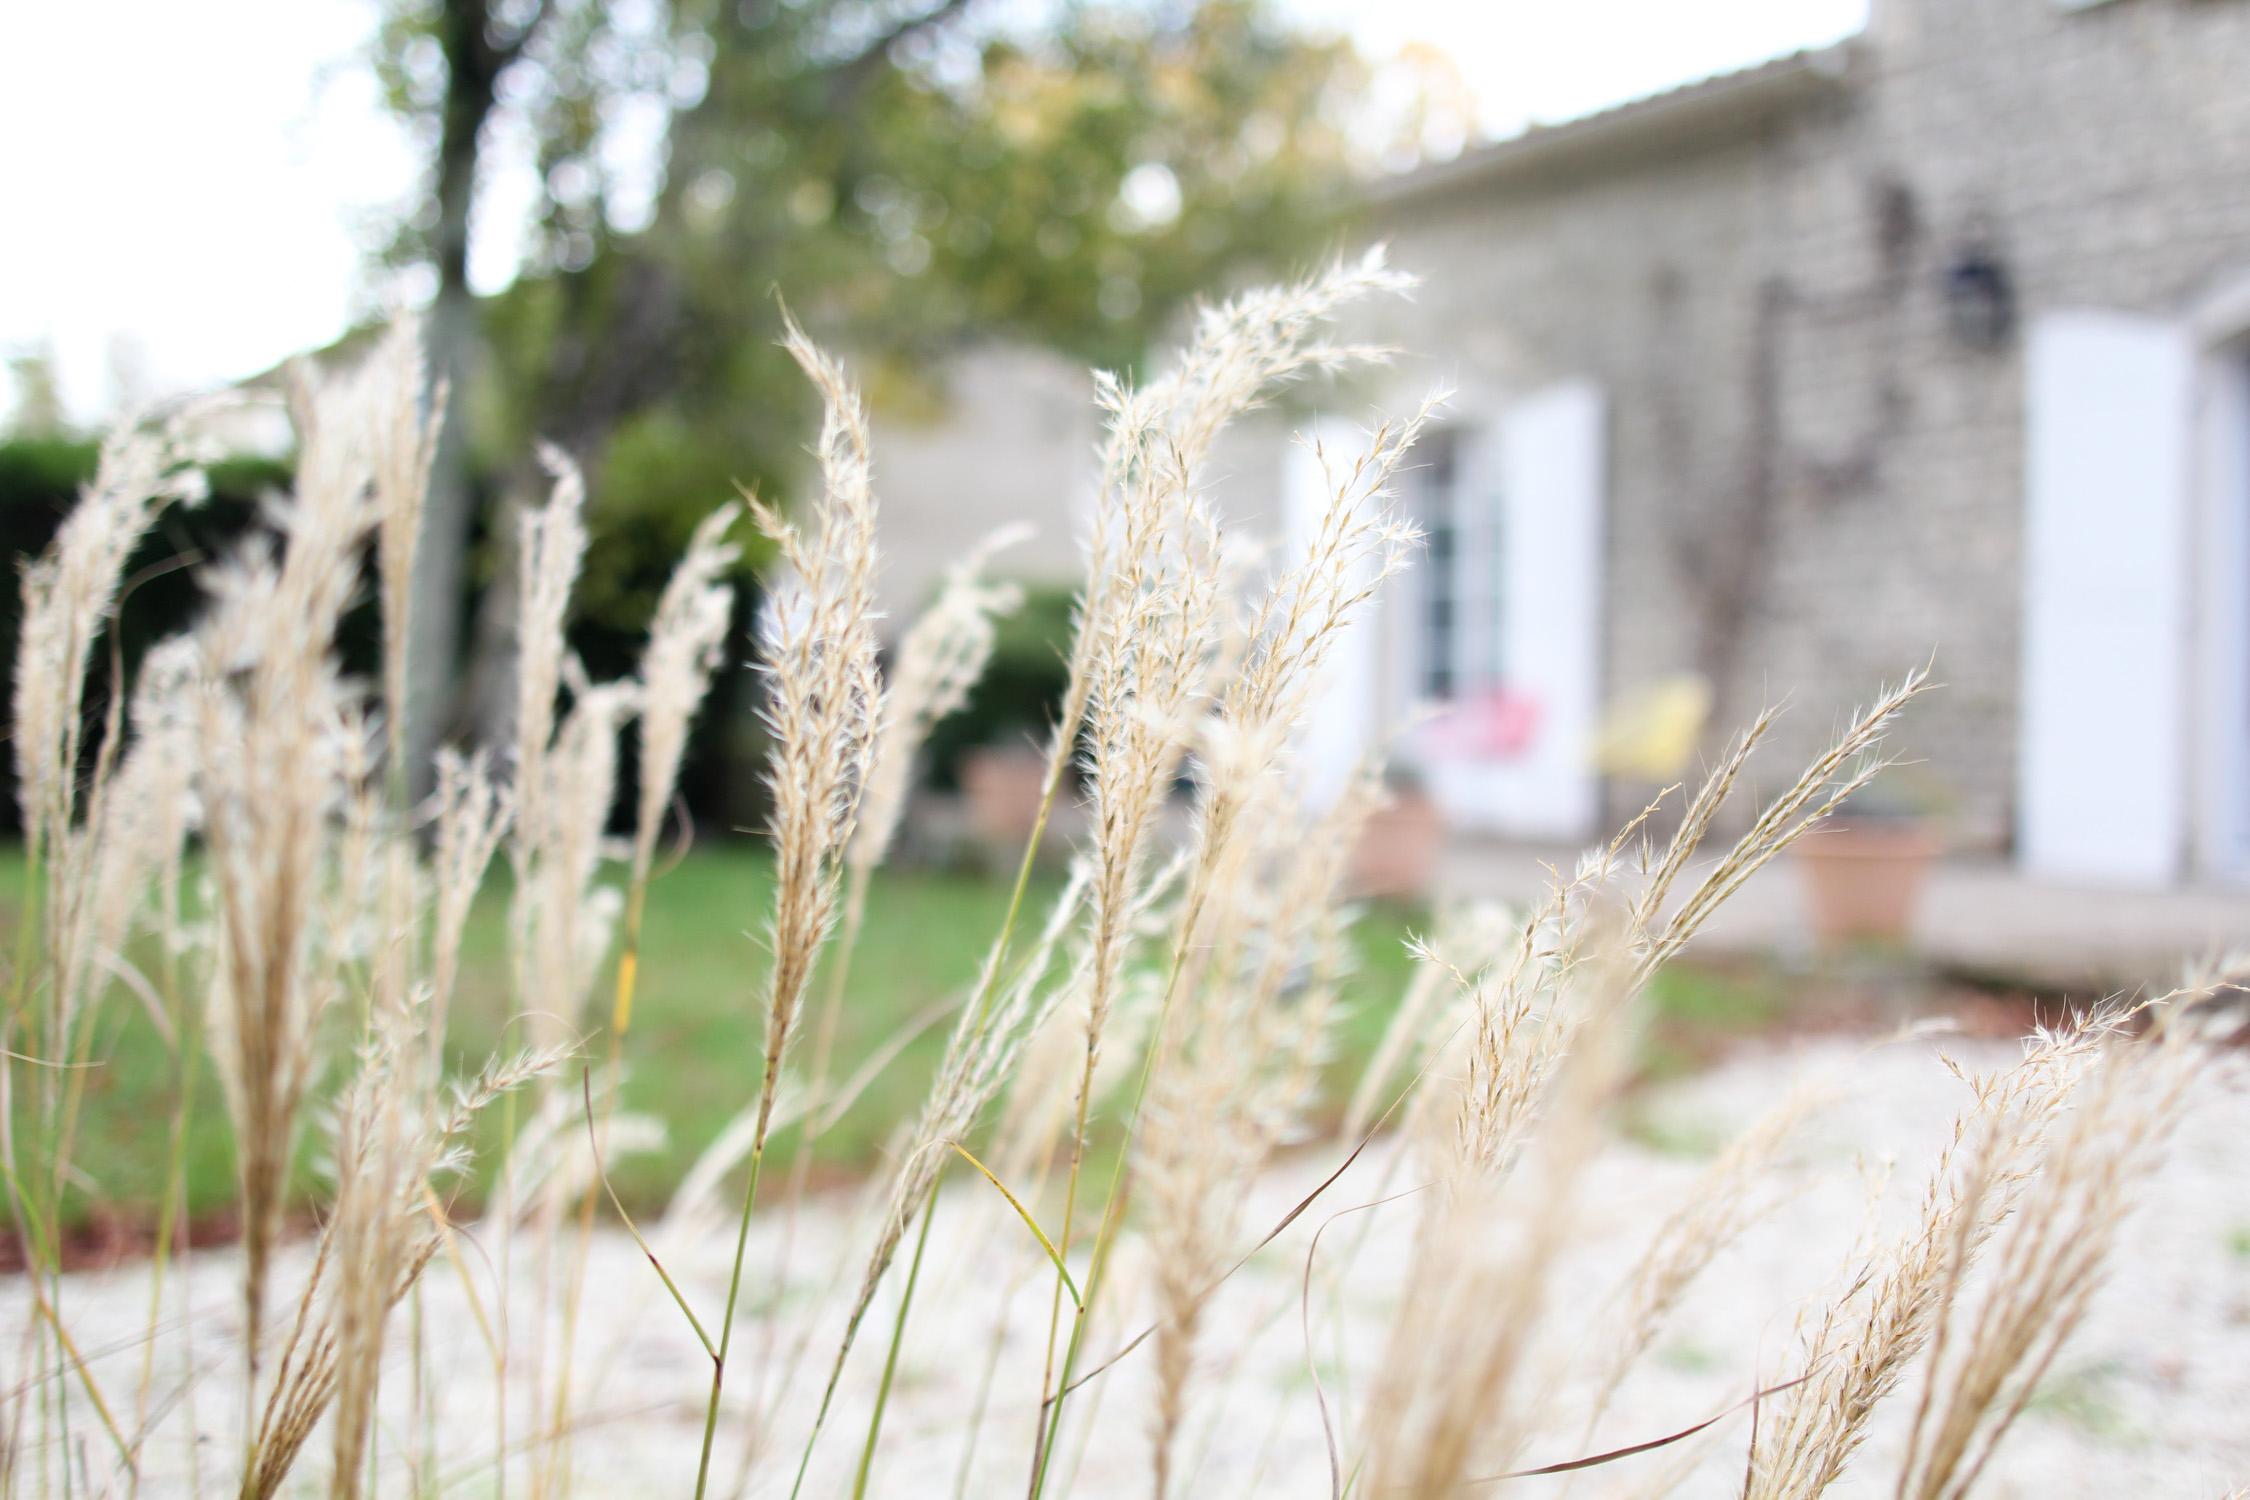 Plantation de graminées dans le jardin